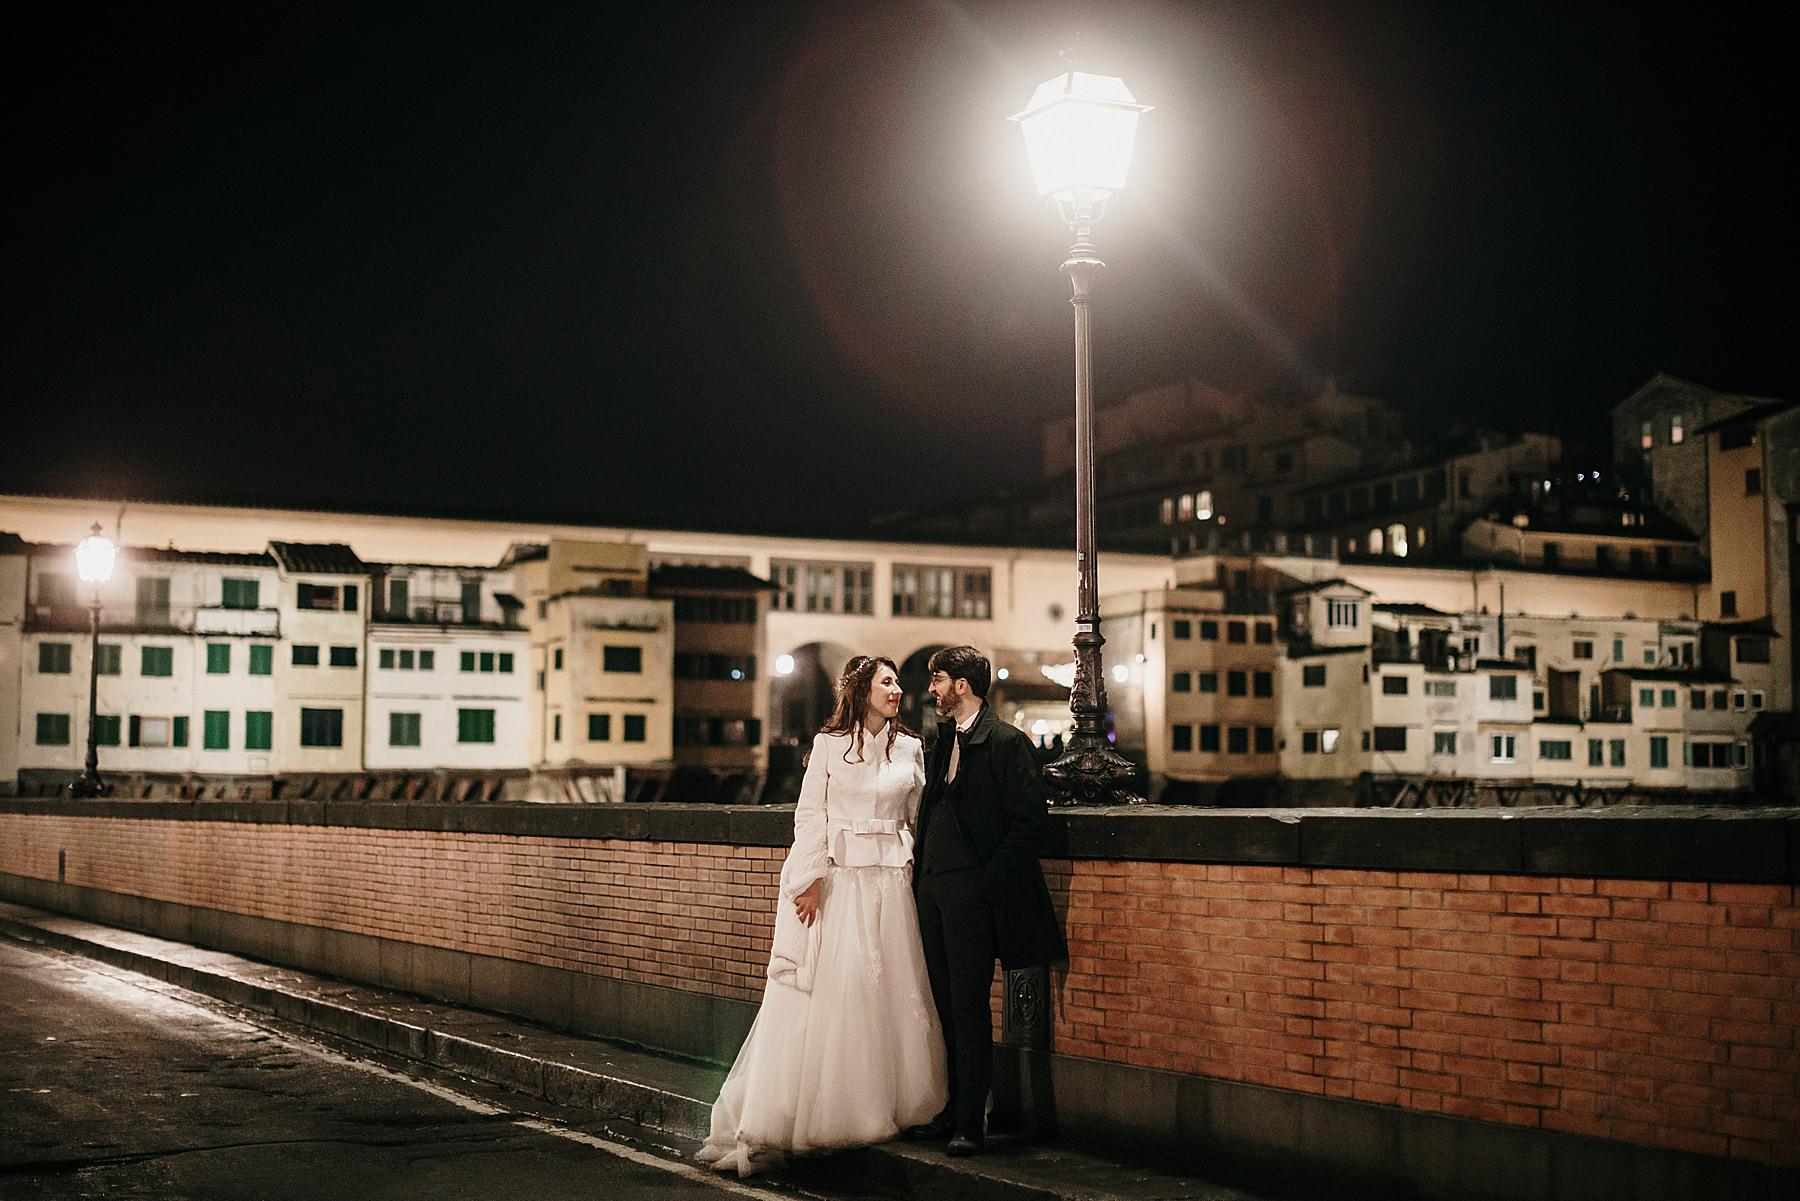 fotografia-di-matrimonio-a-firenze-in-inverno-776.JPG